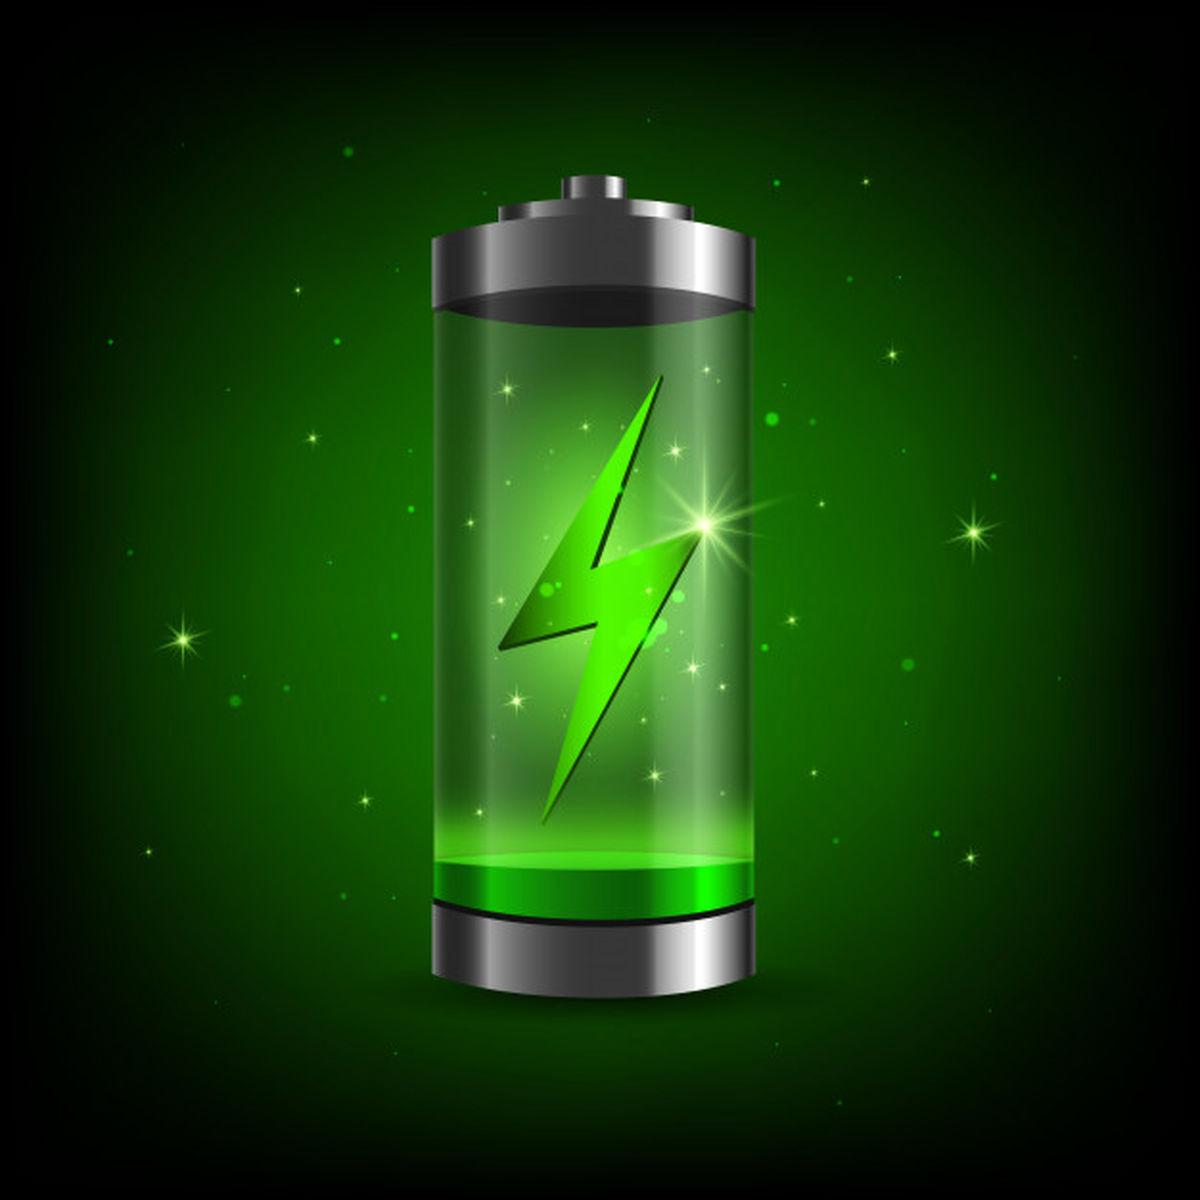 اختراع باتری بدون نیاز به شارژ مجدد تا ۹۰سال! +عکس